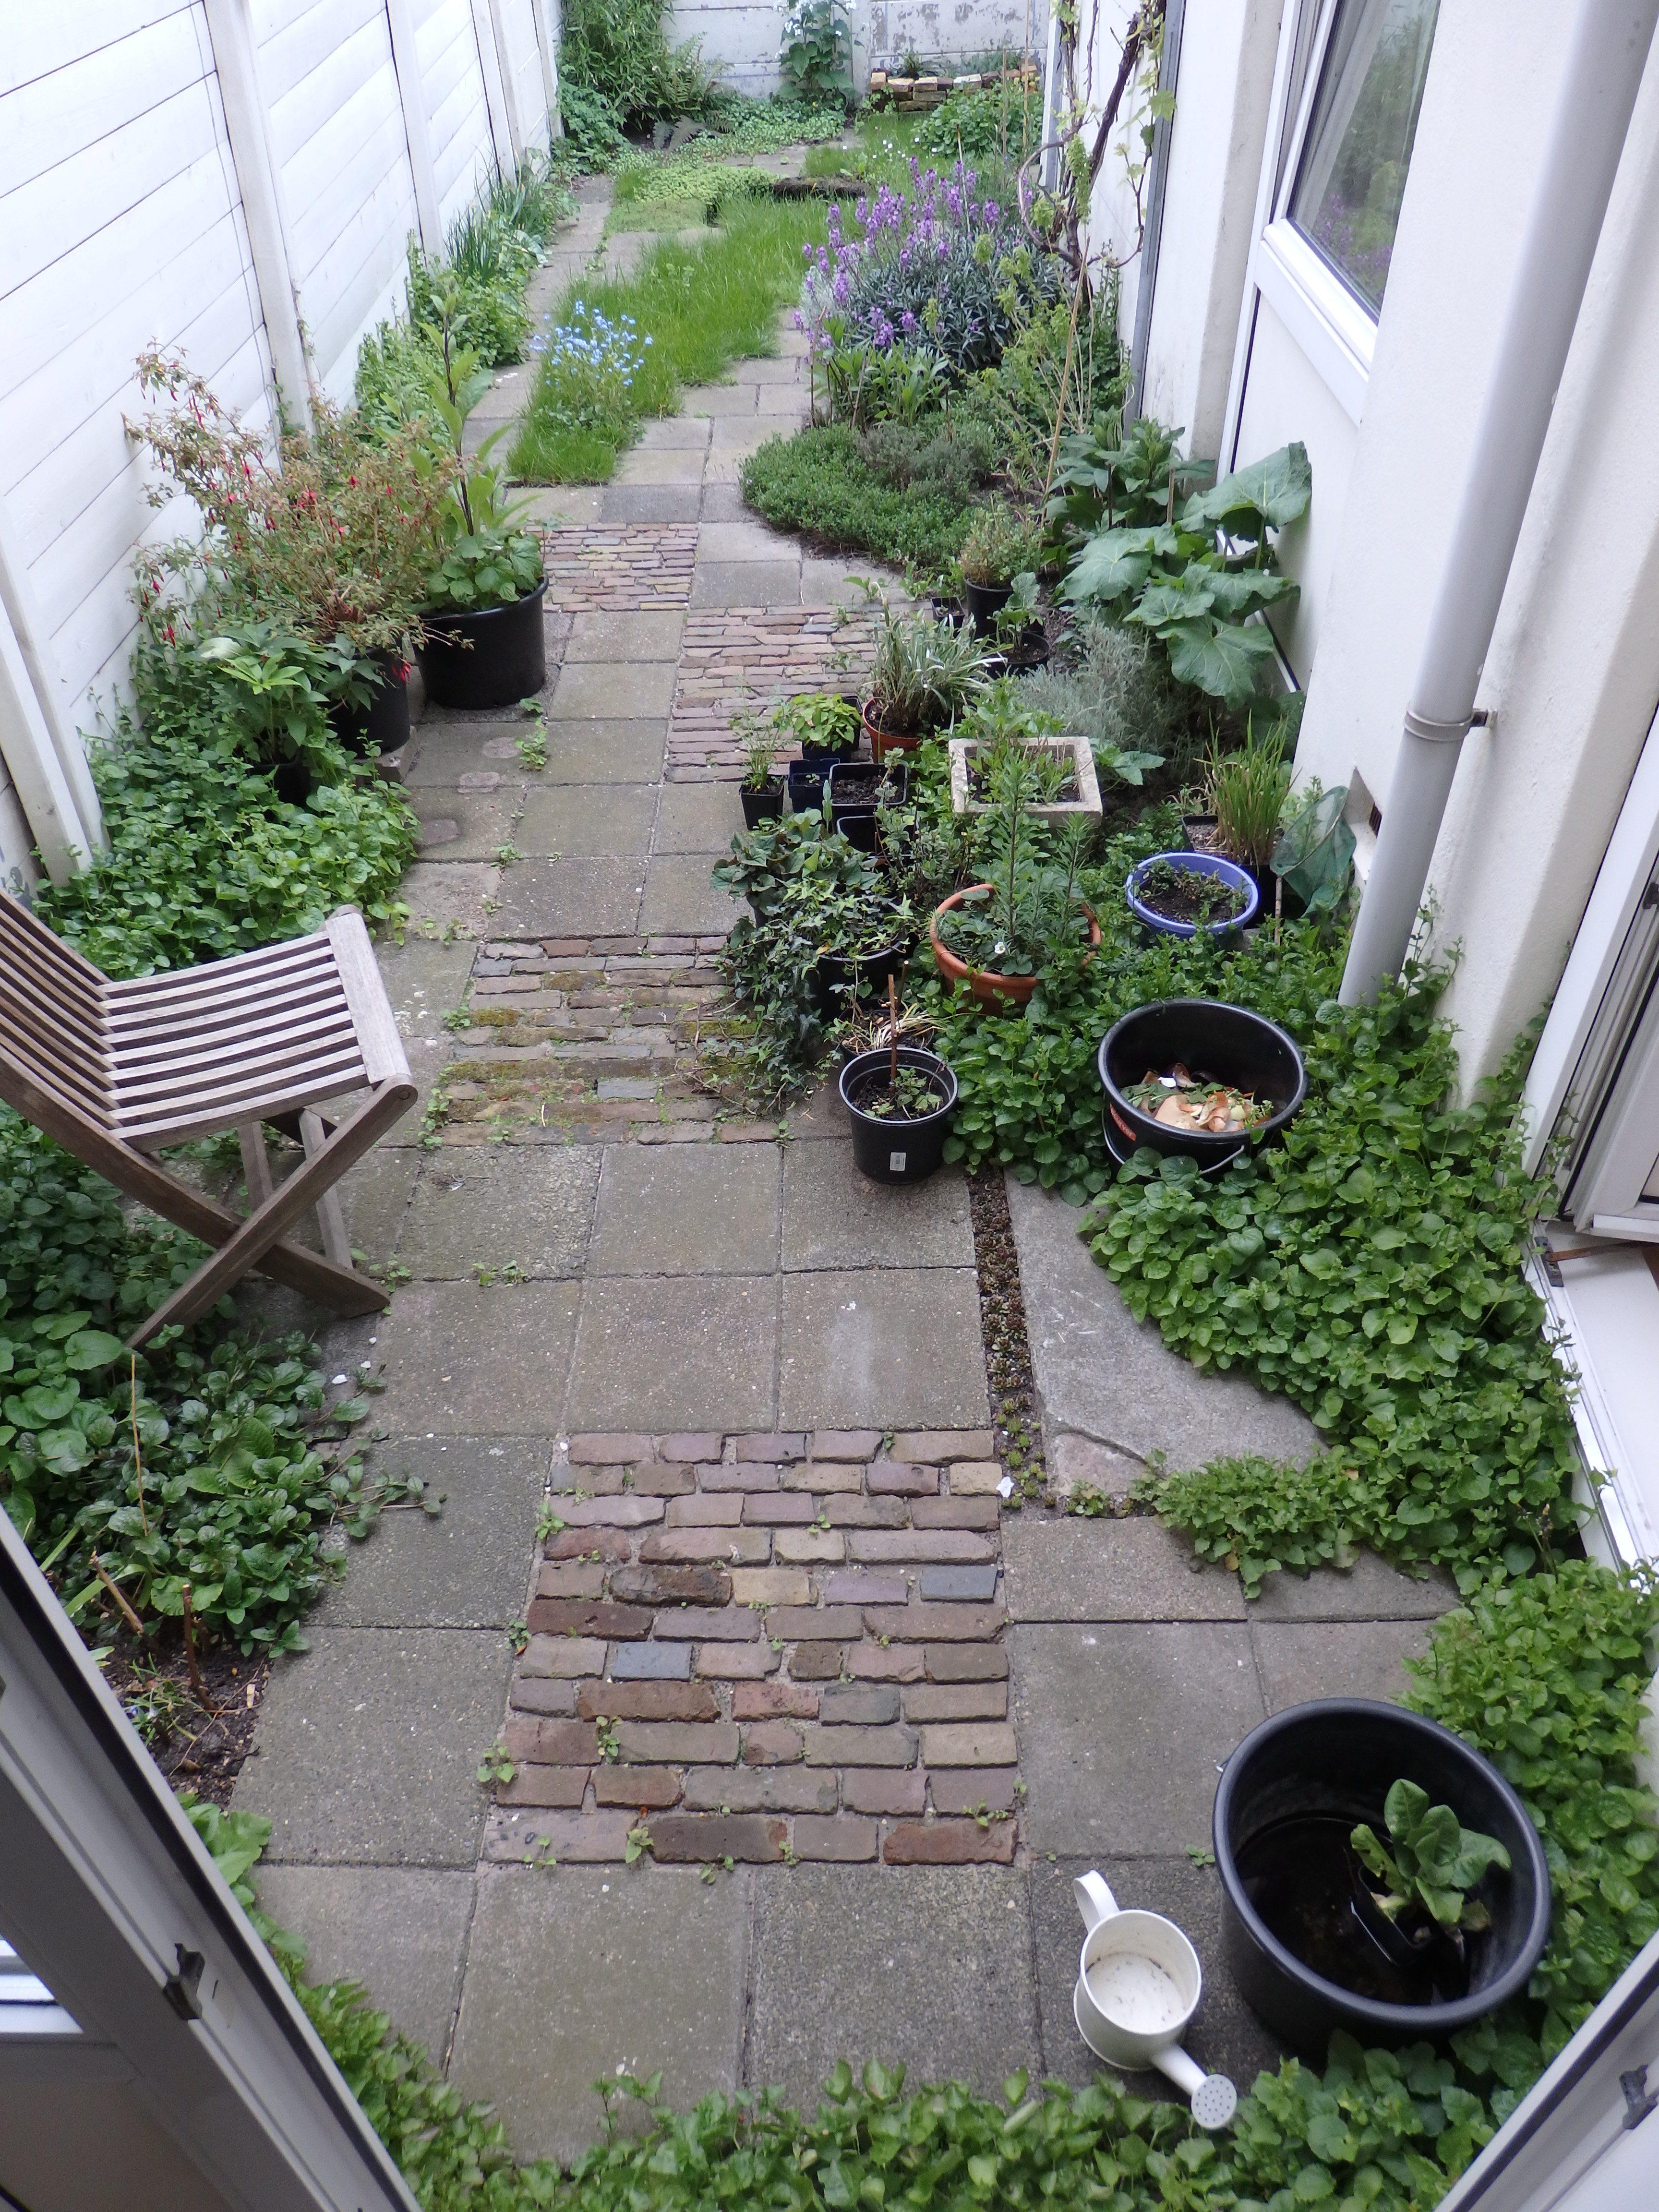 Tuinontwerp en beplantingsplan hoveniersbedrijf marieke for Plattegrond tuin maken